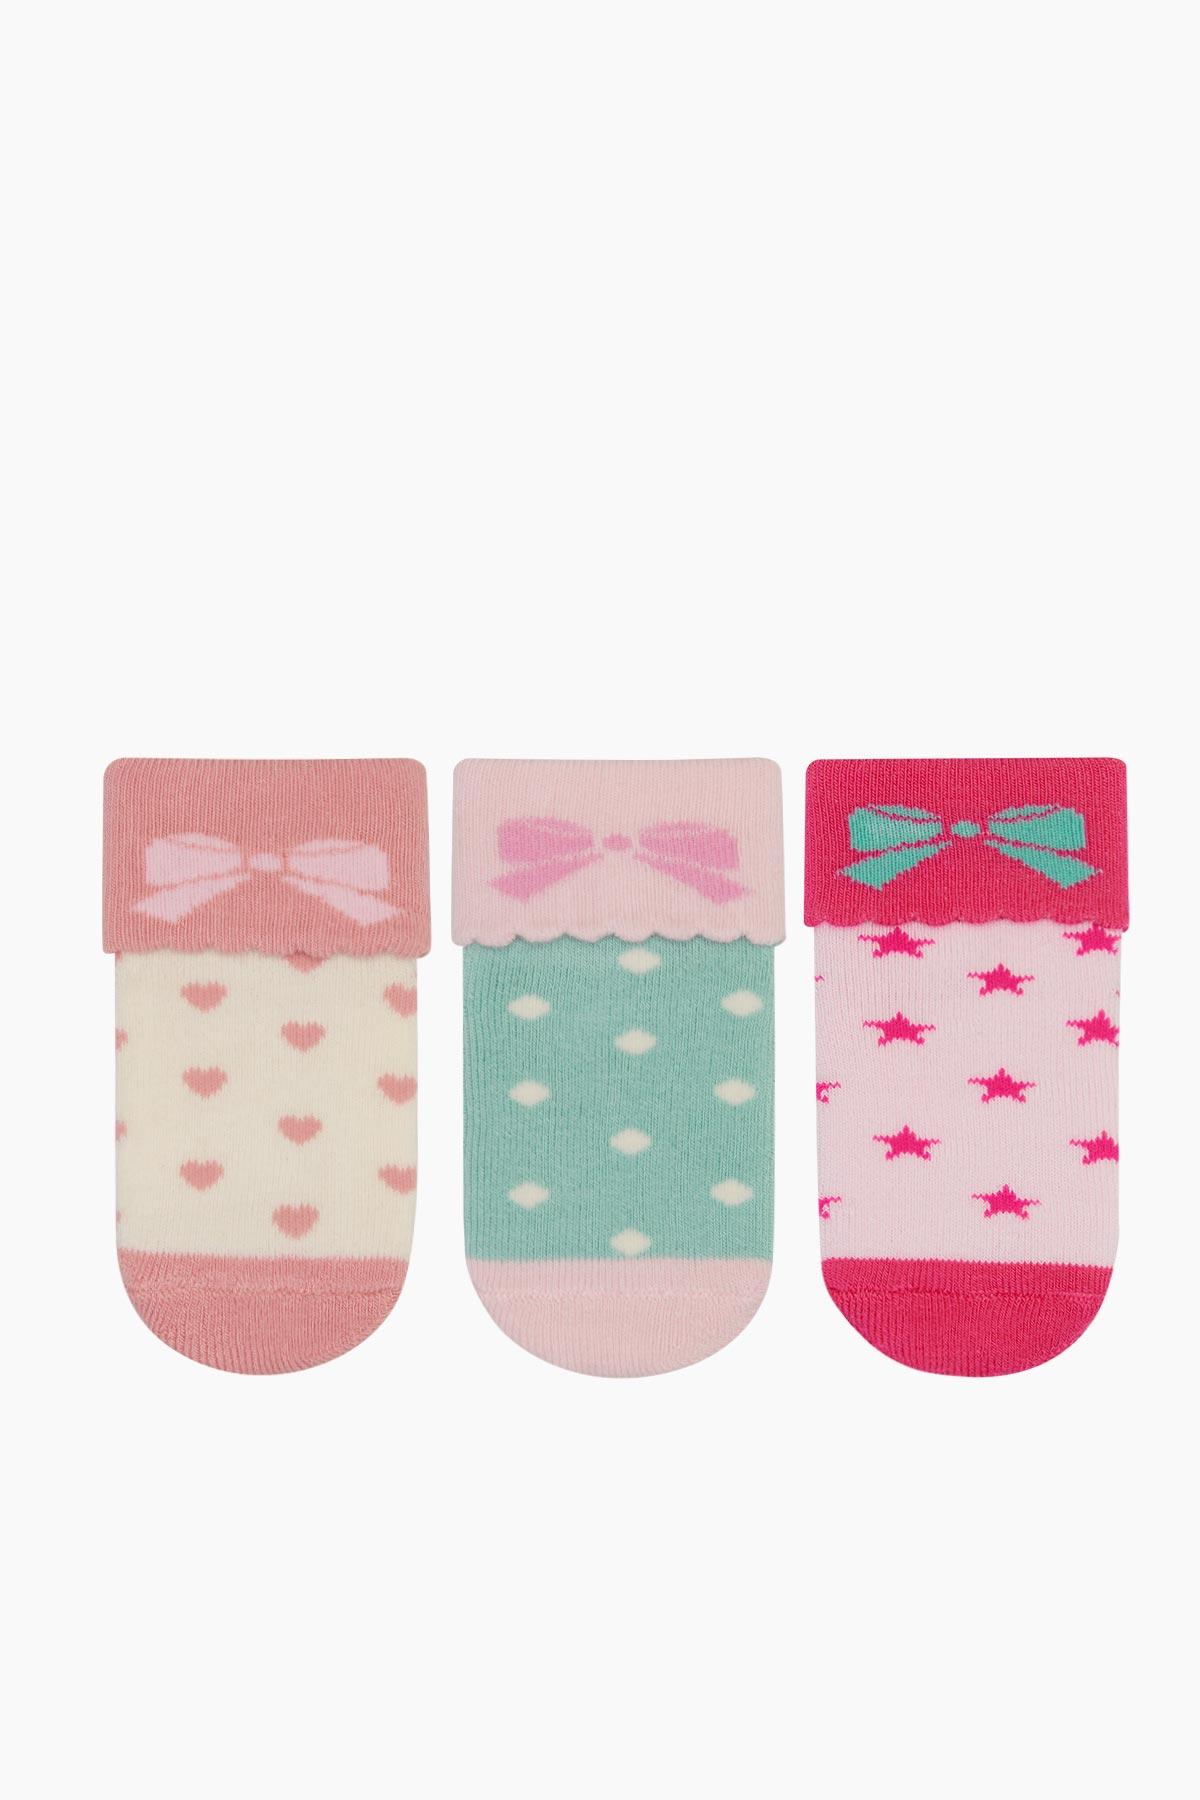 Bross - Bross 3er Pack Ribbon Pattern Handtuch Baby Socken